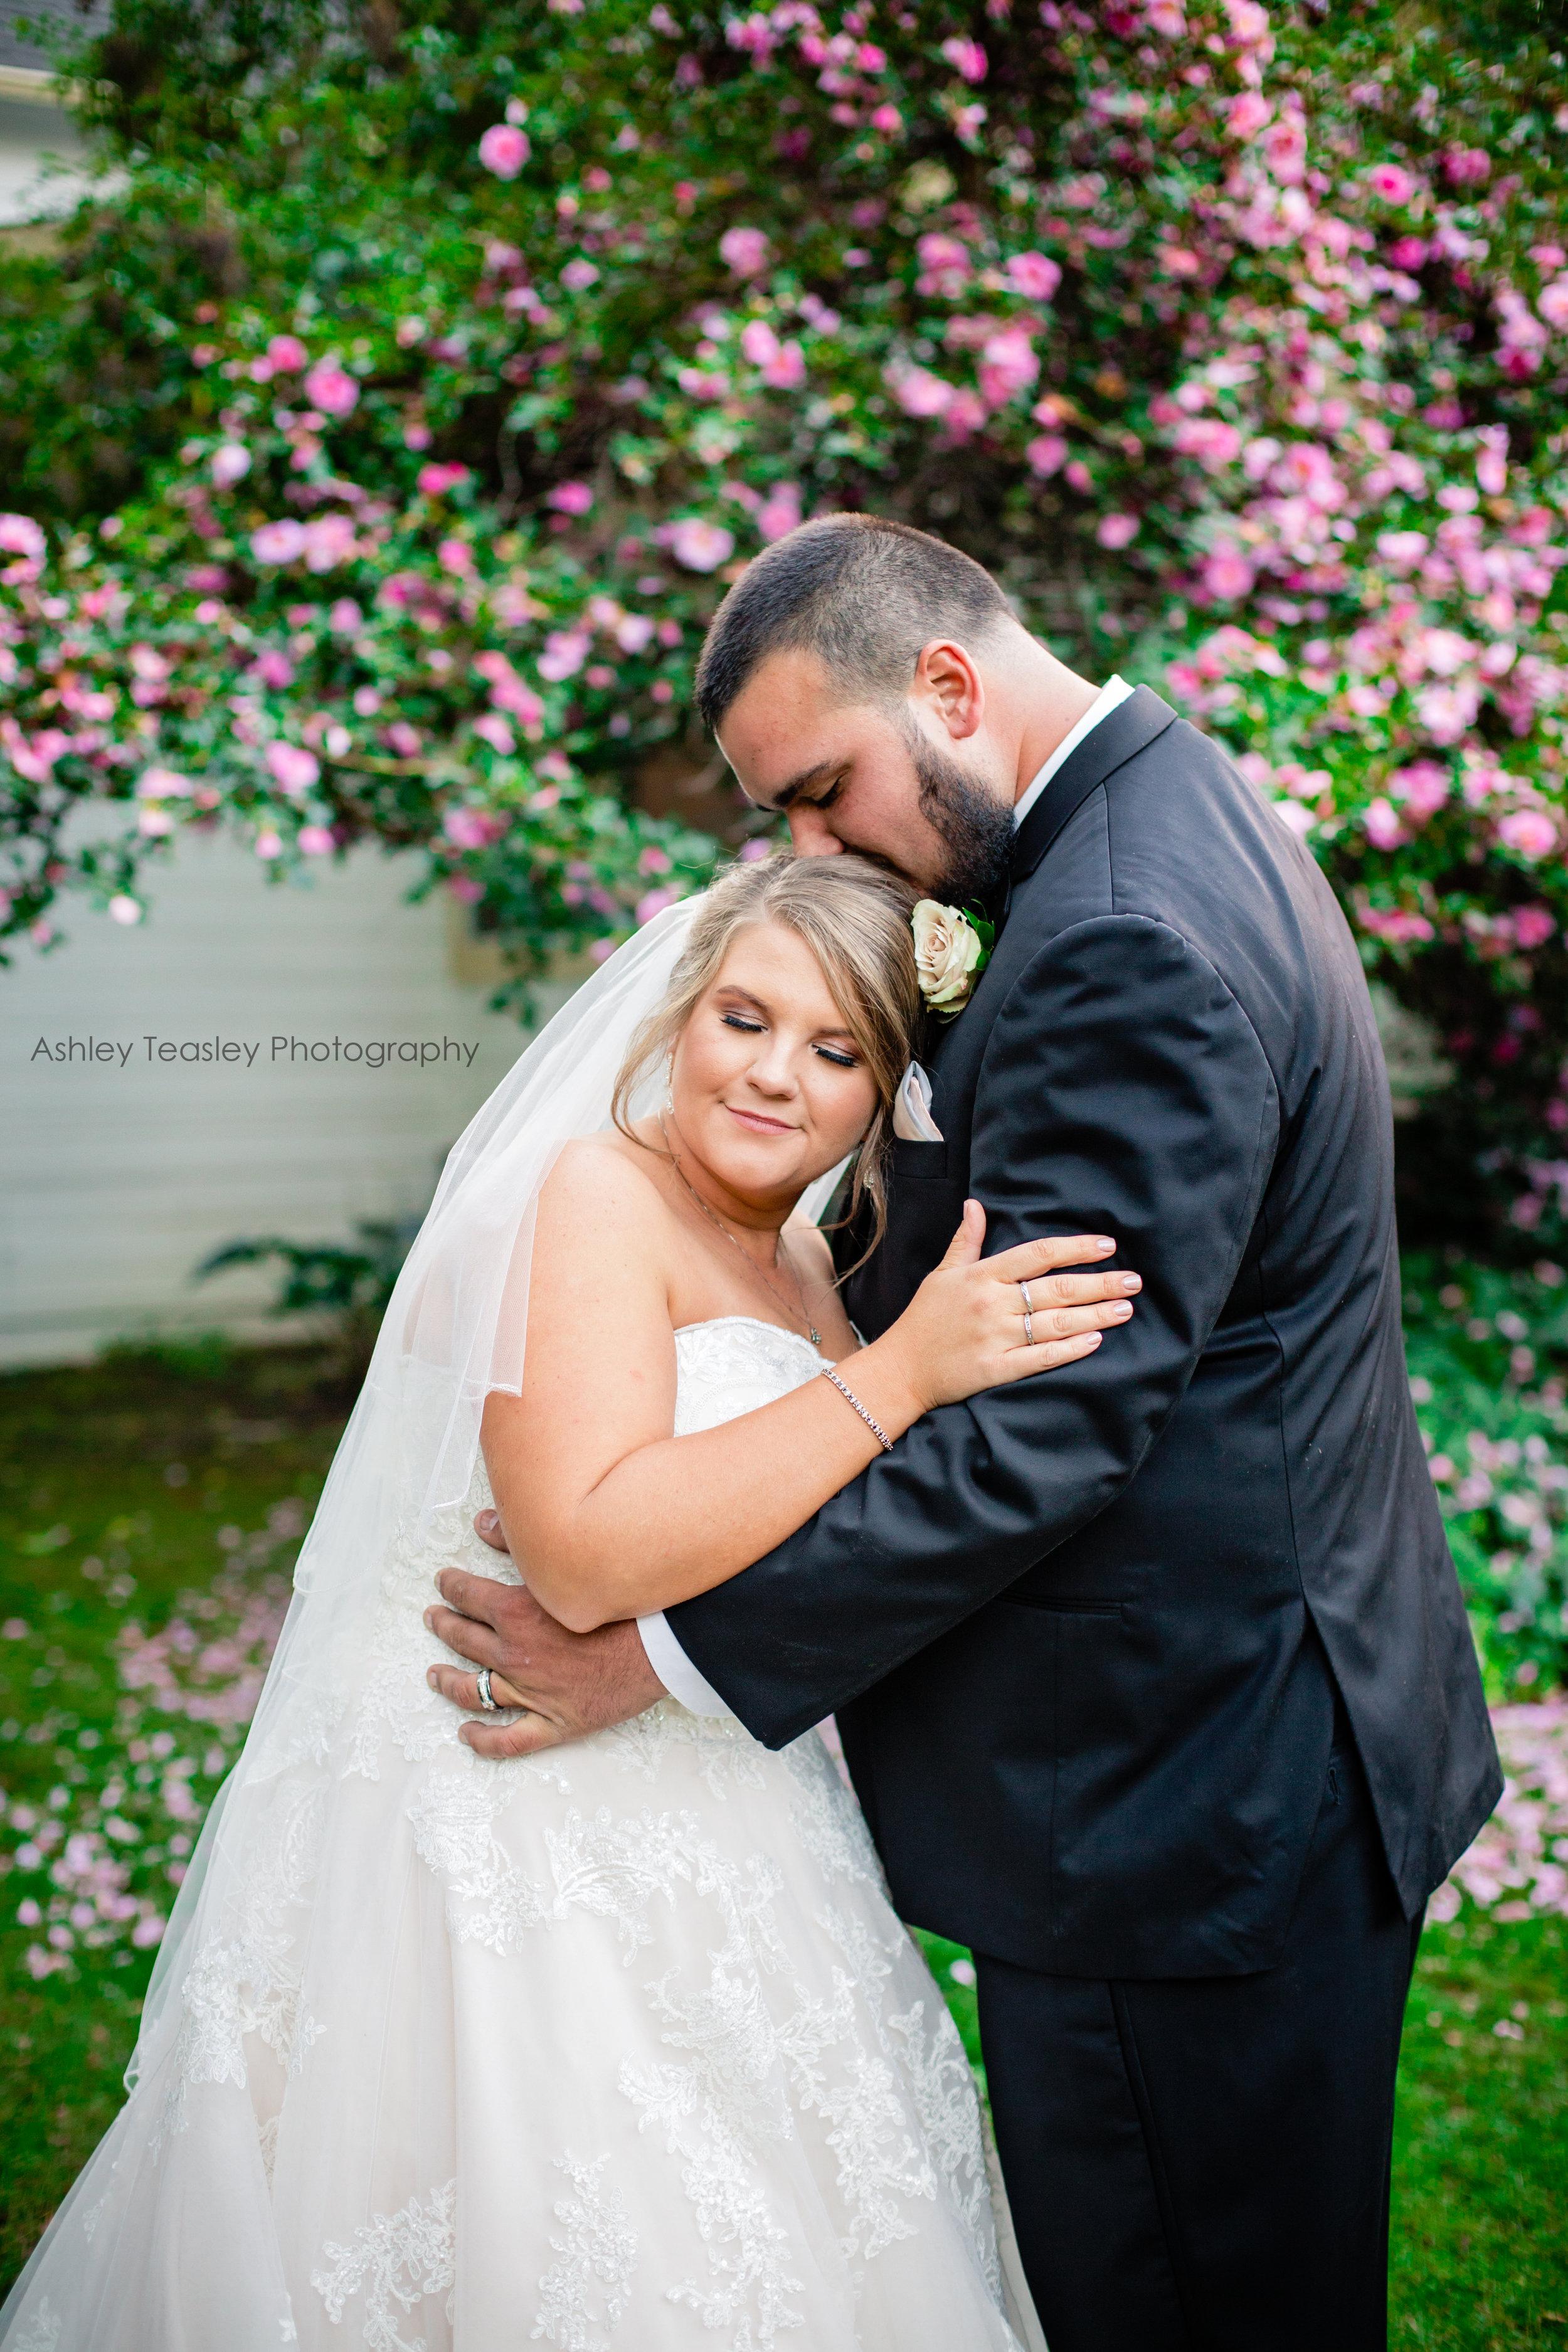 Casey & Brandon - The Flower Farm Inn - Sacramento Wedding Photographer - Ashley Teasley Photography  (3 of 5).JPG